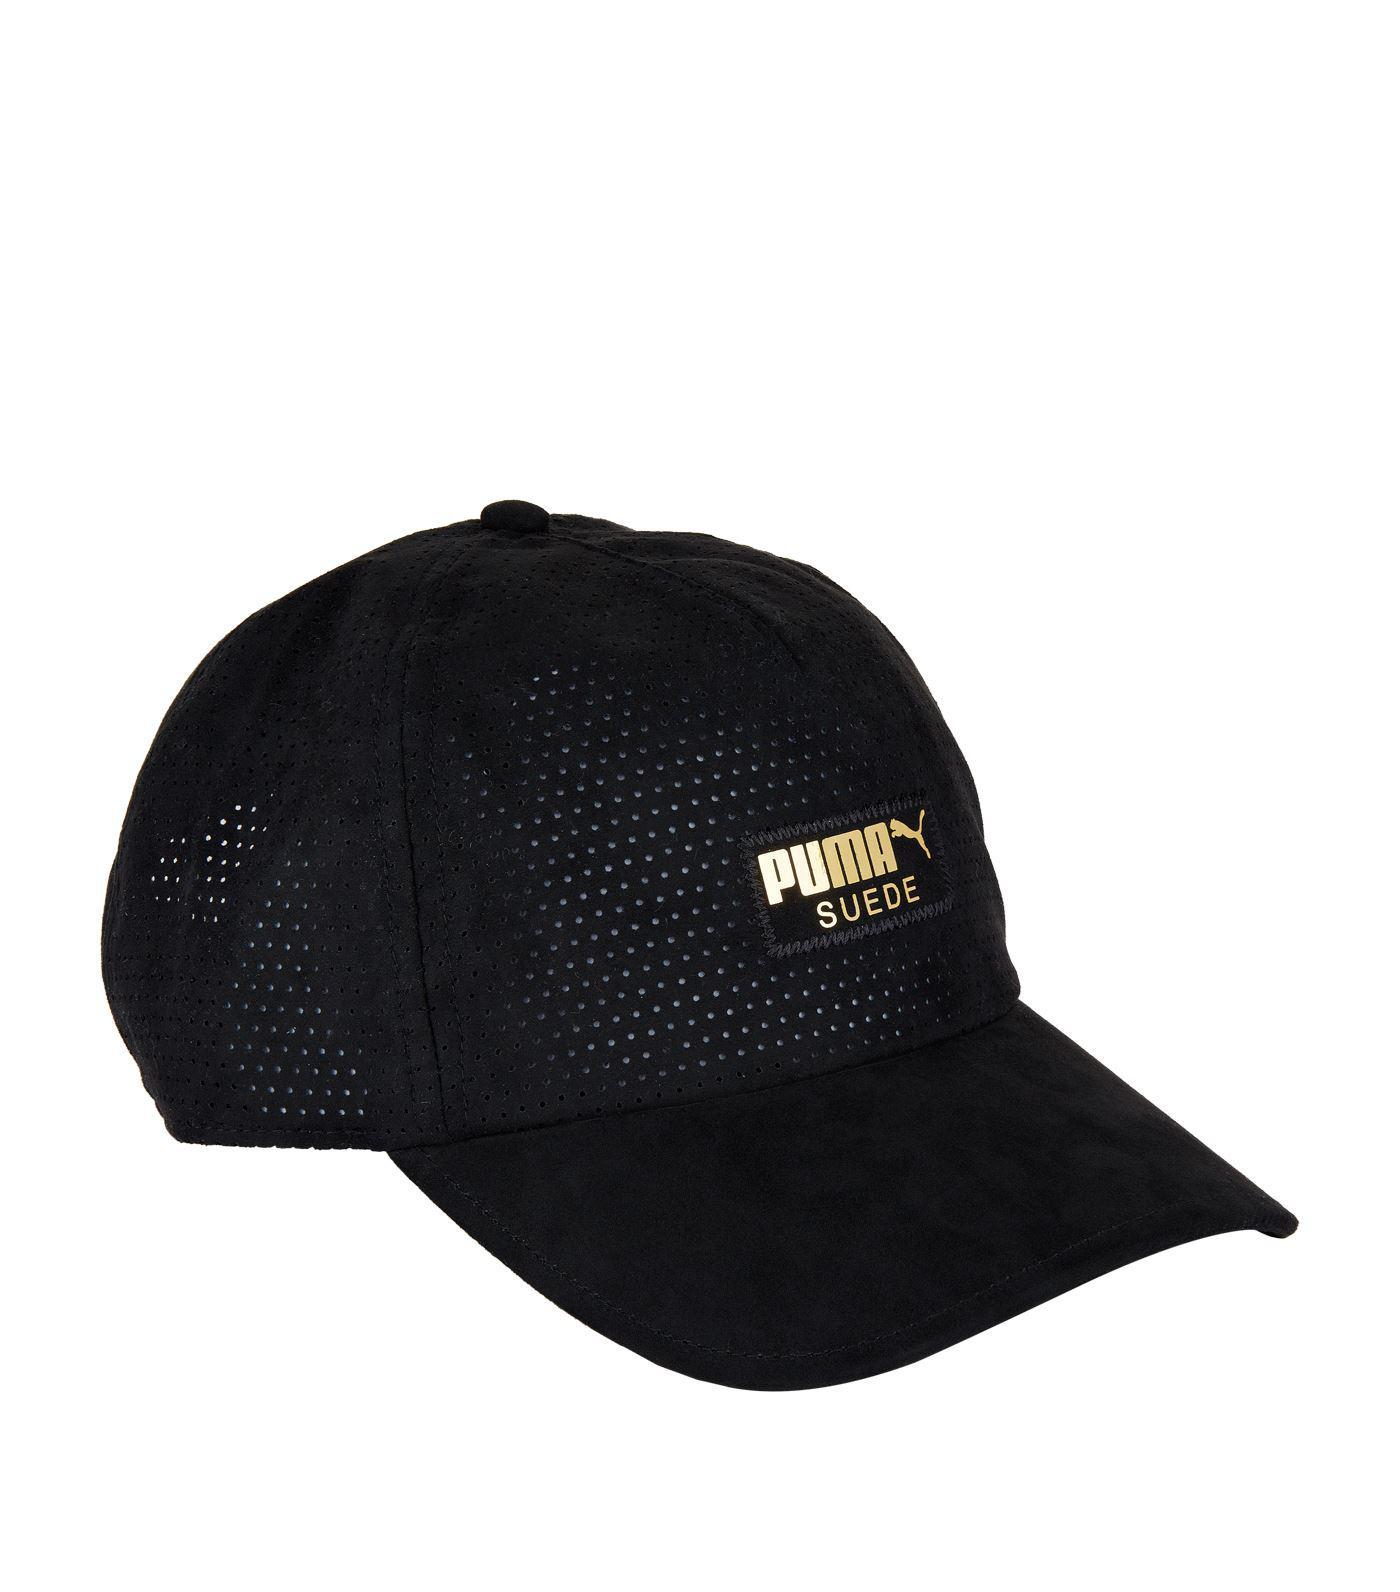 2a5bb7c838c PUMA Suede Pace Cap in Black for Men - Lyst